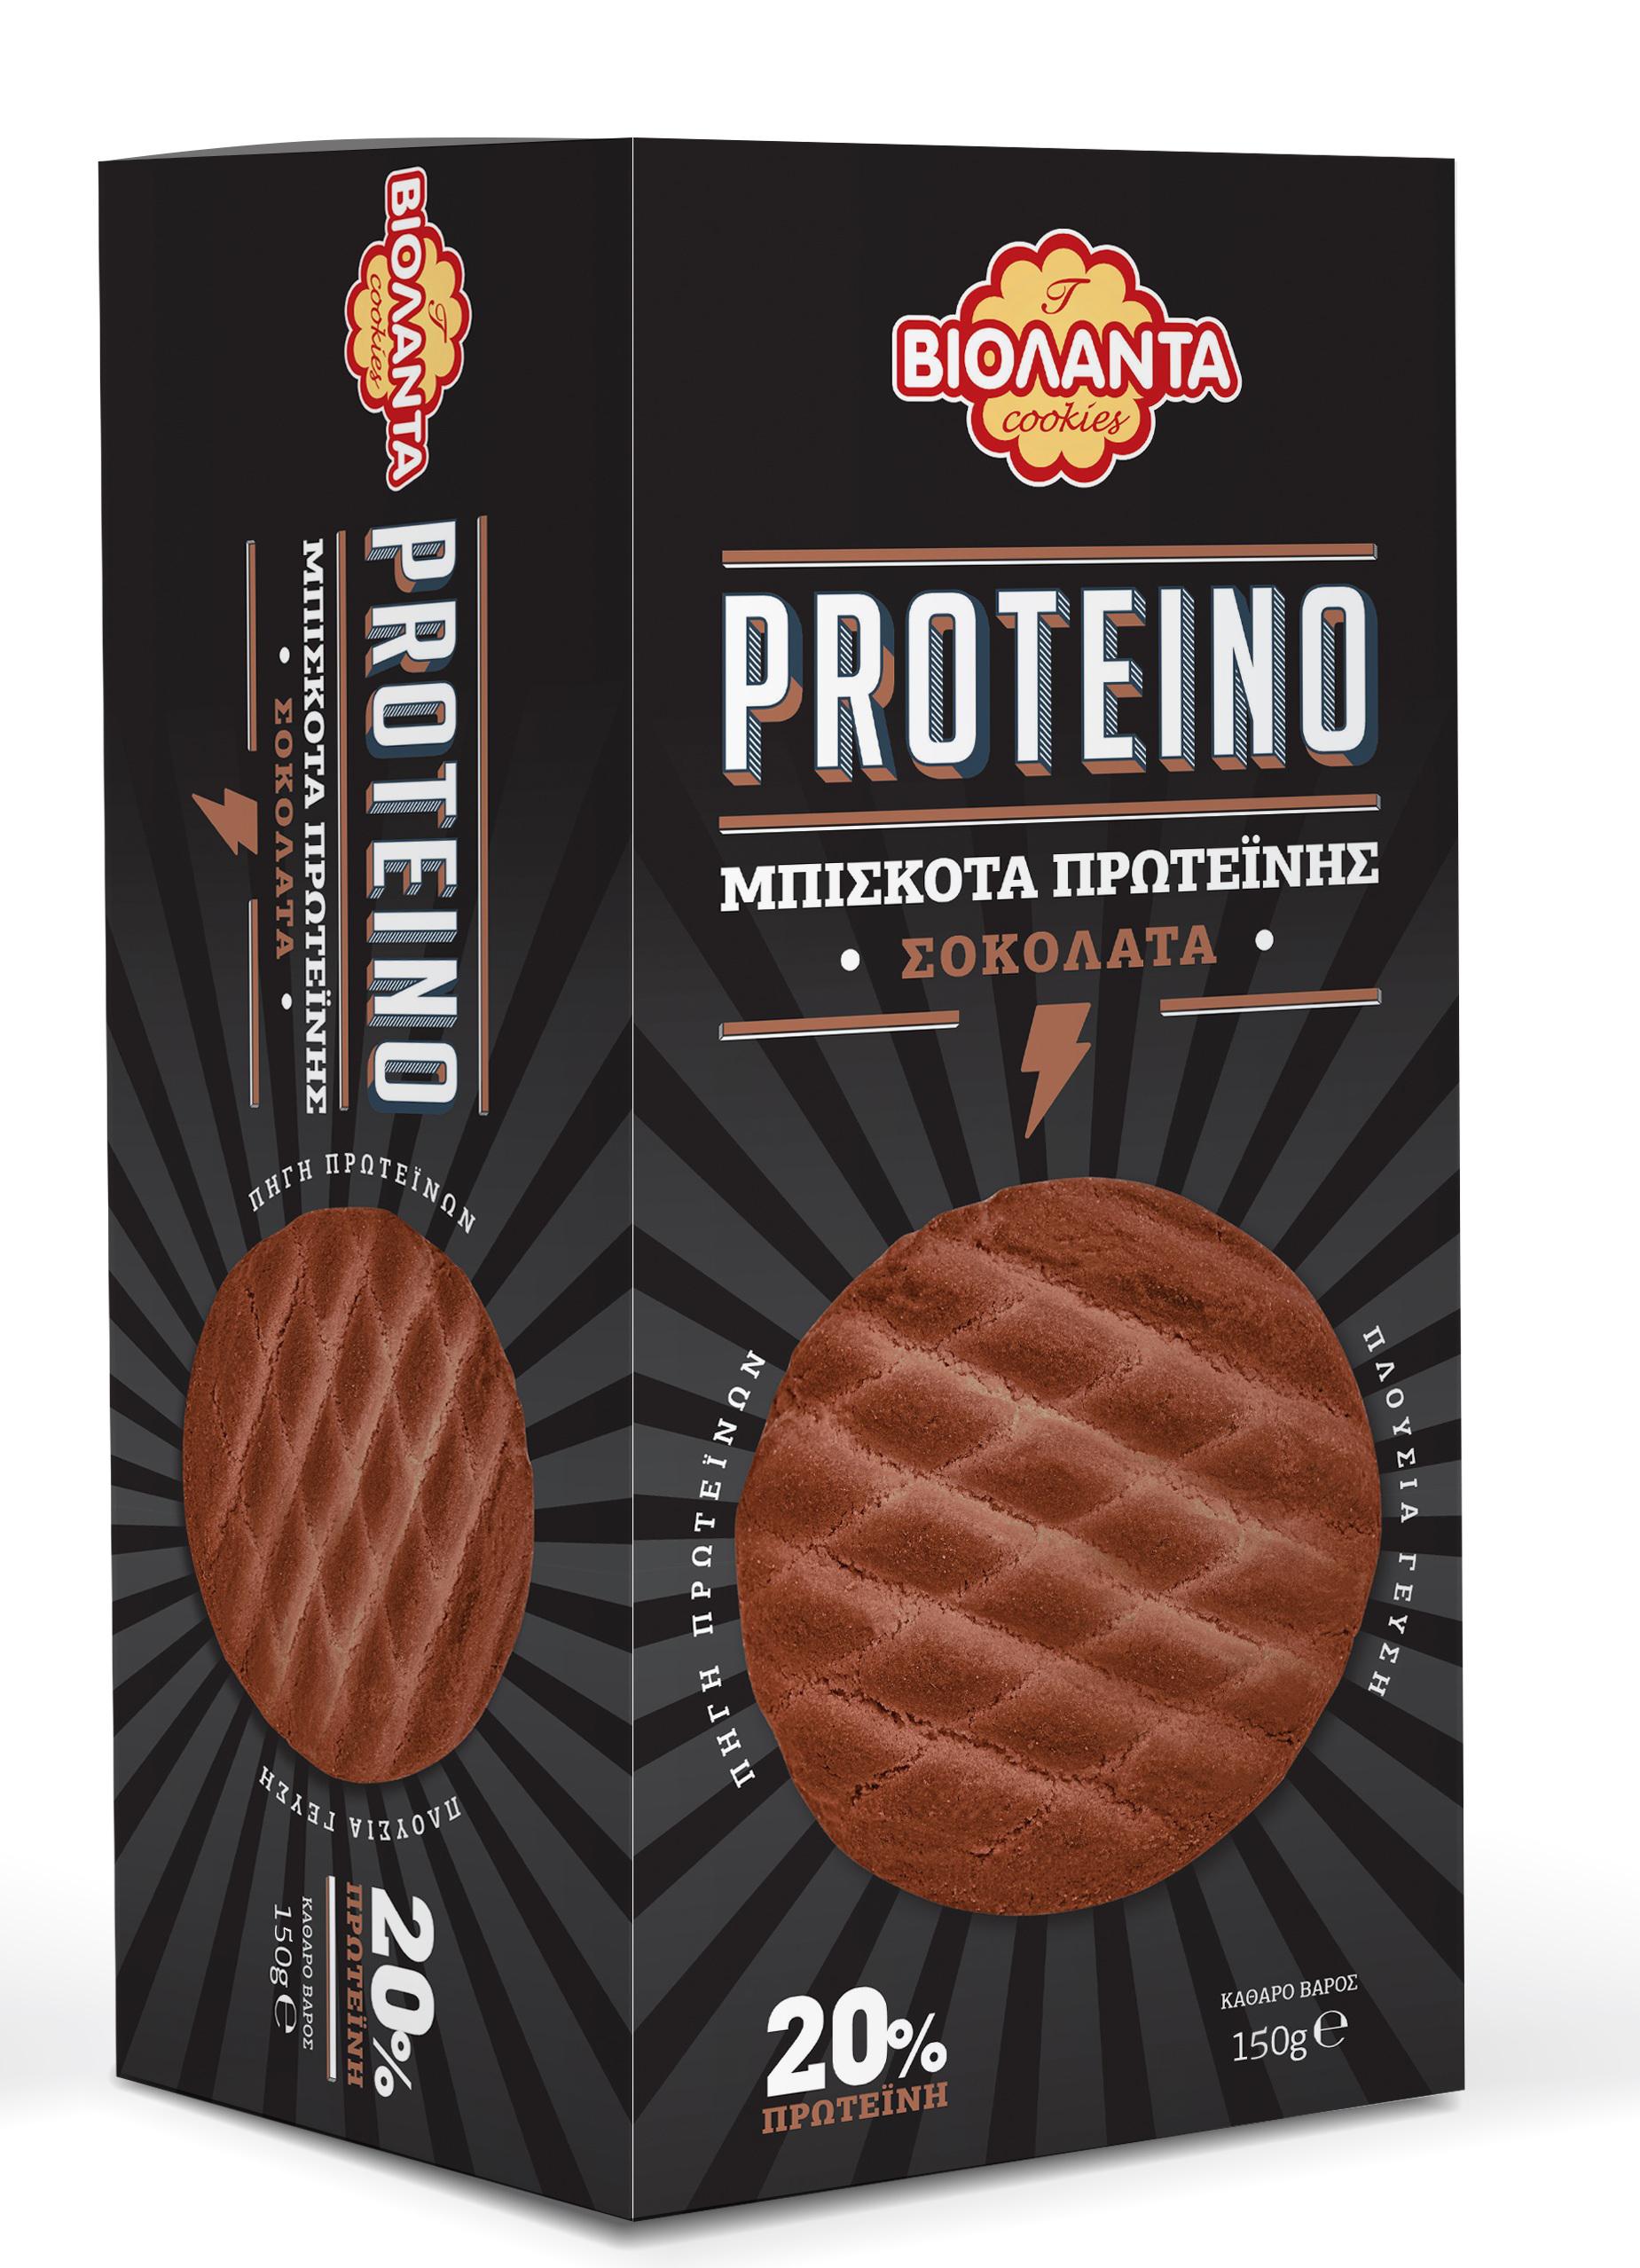 Μπισκότα Πρωτεΐνης με Σοκολάτα Proteino Βιολάντα (150g)